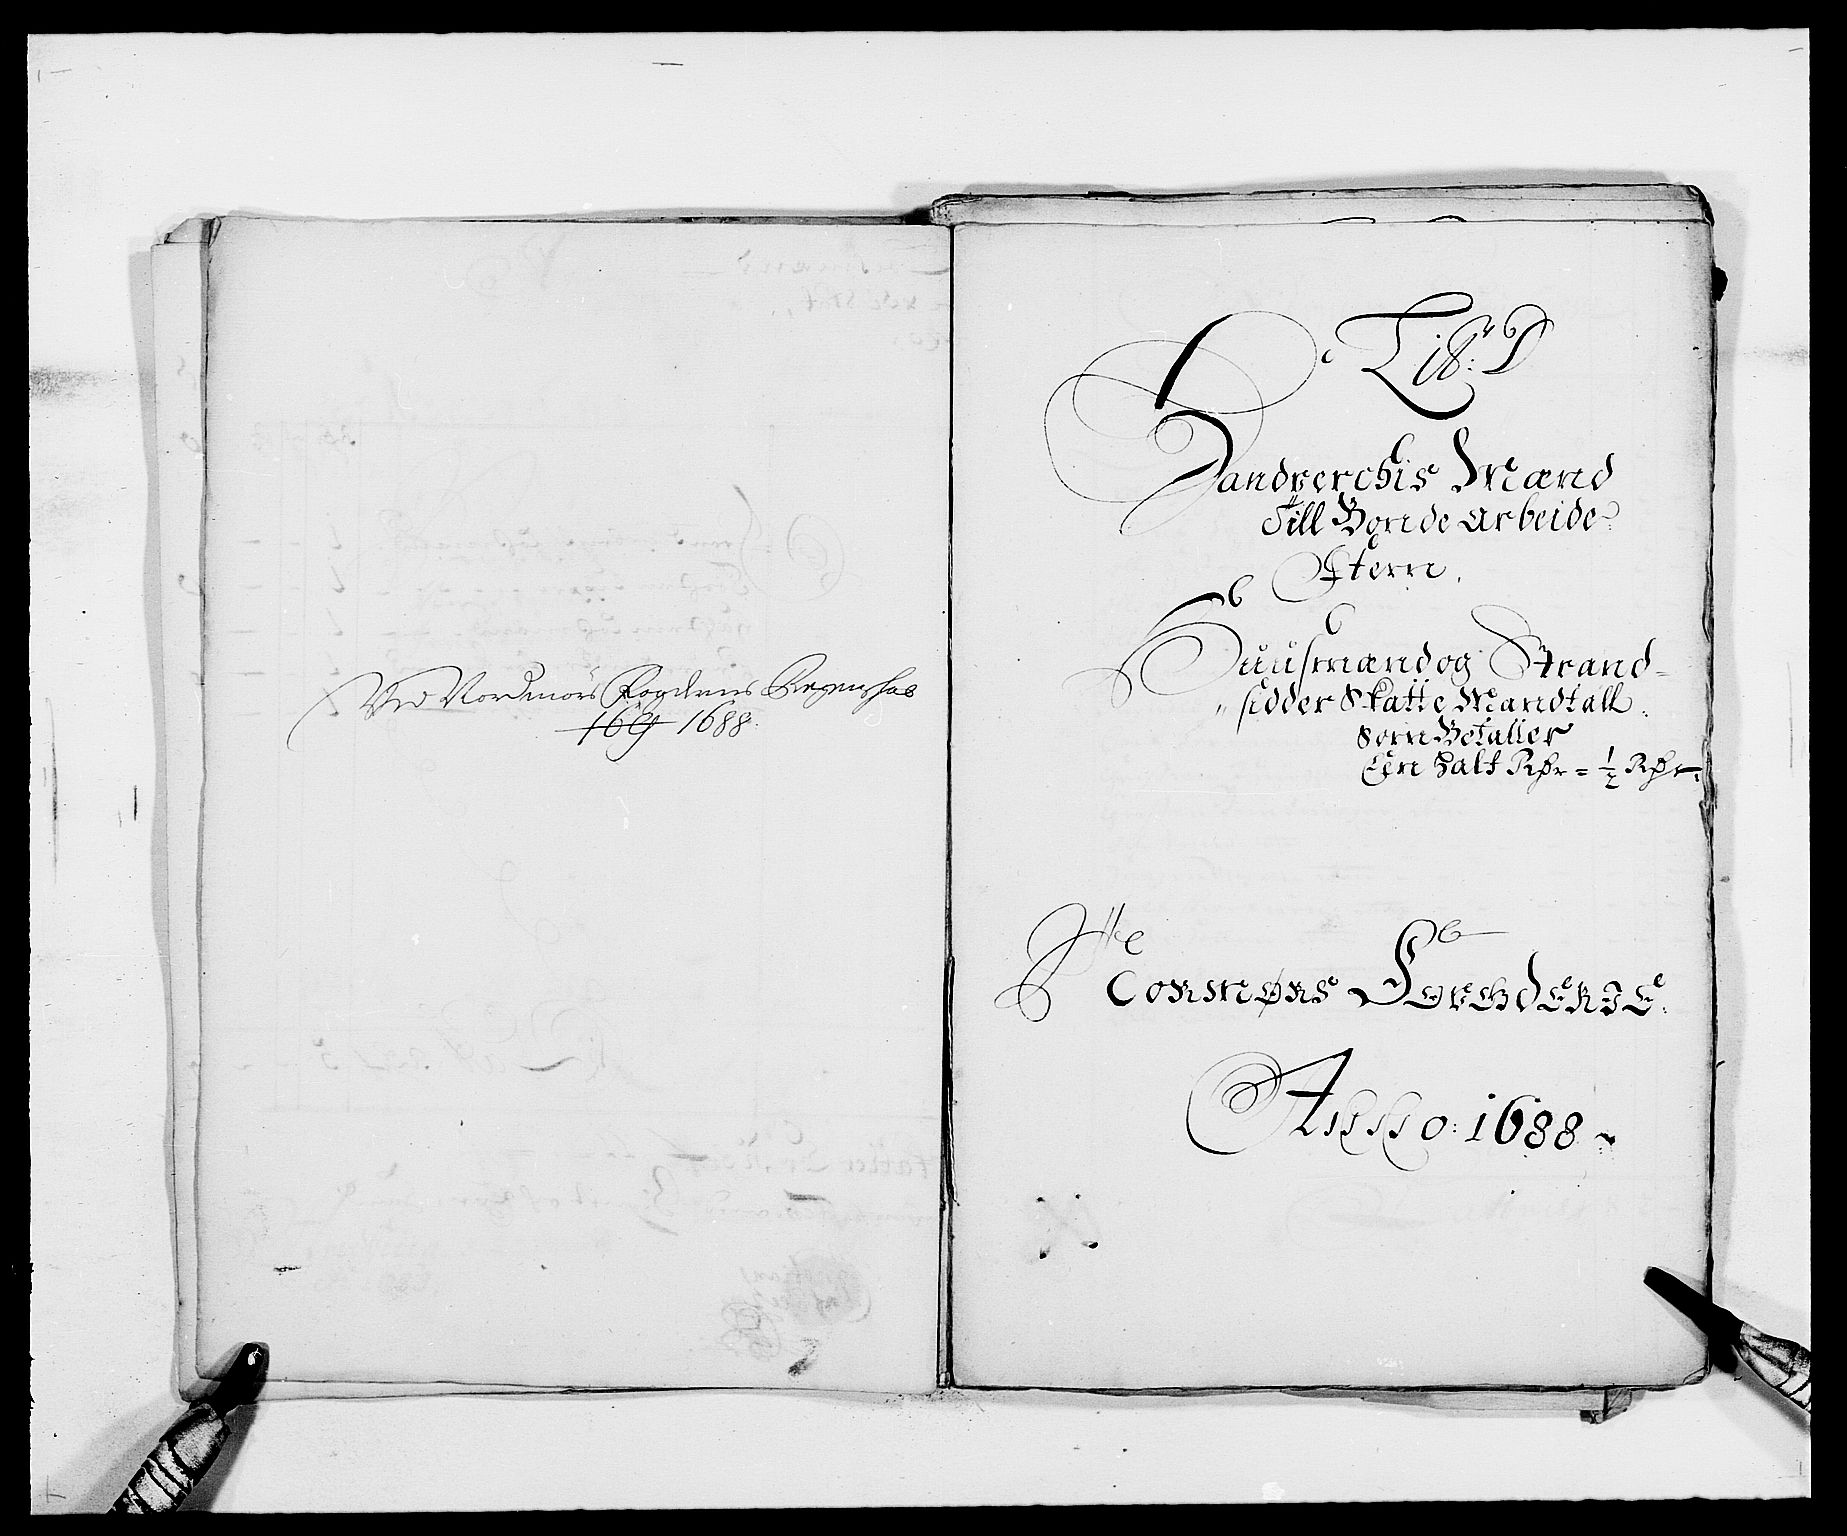 RA, Rentekammeret inntil 1814, Reviderte regnskaper, Fogderegnskap, R56/L3733: Fogderegnskap Nordmøre, 1687-1689, s. 234